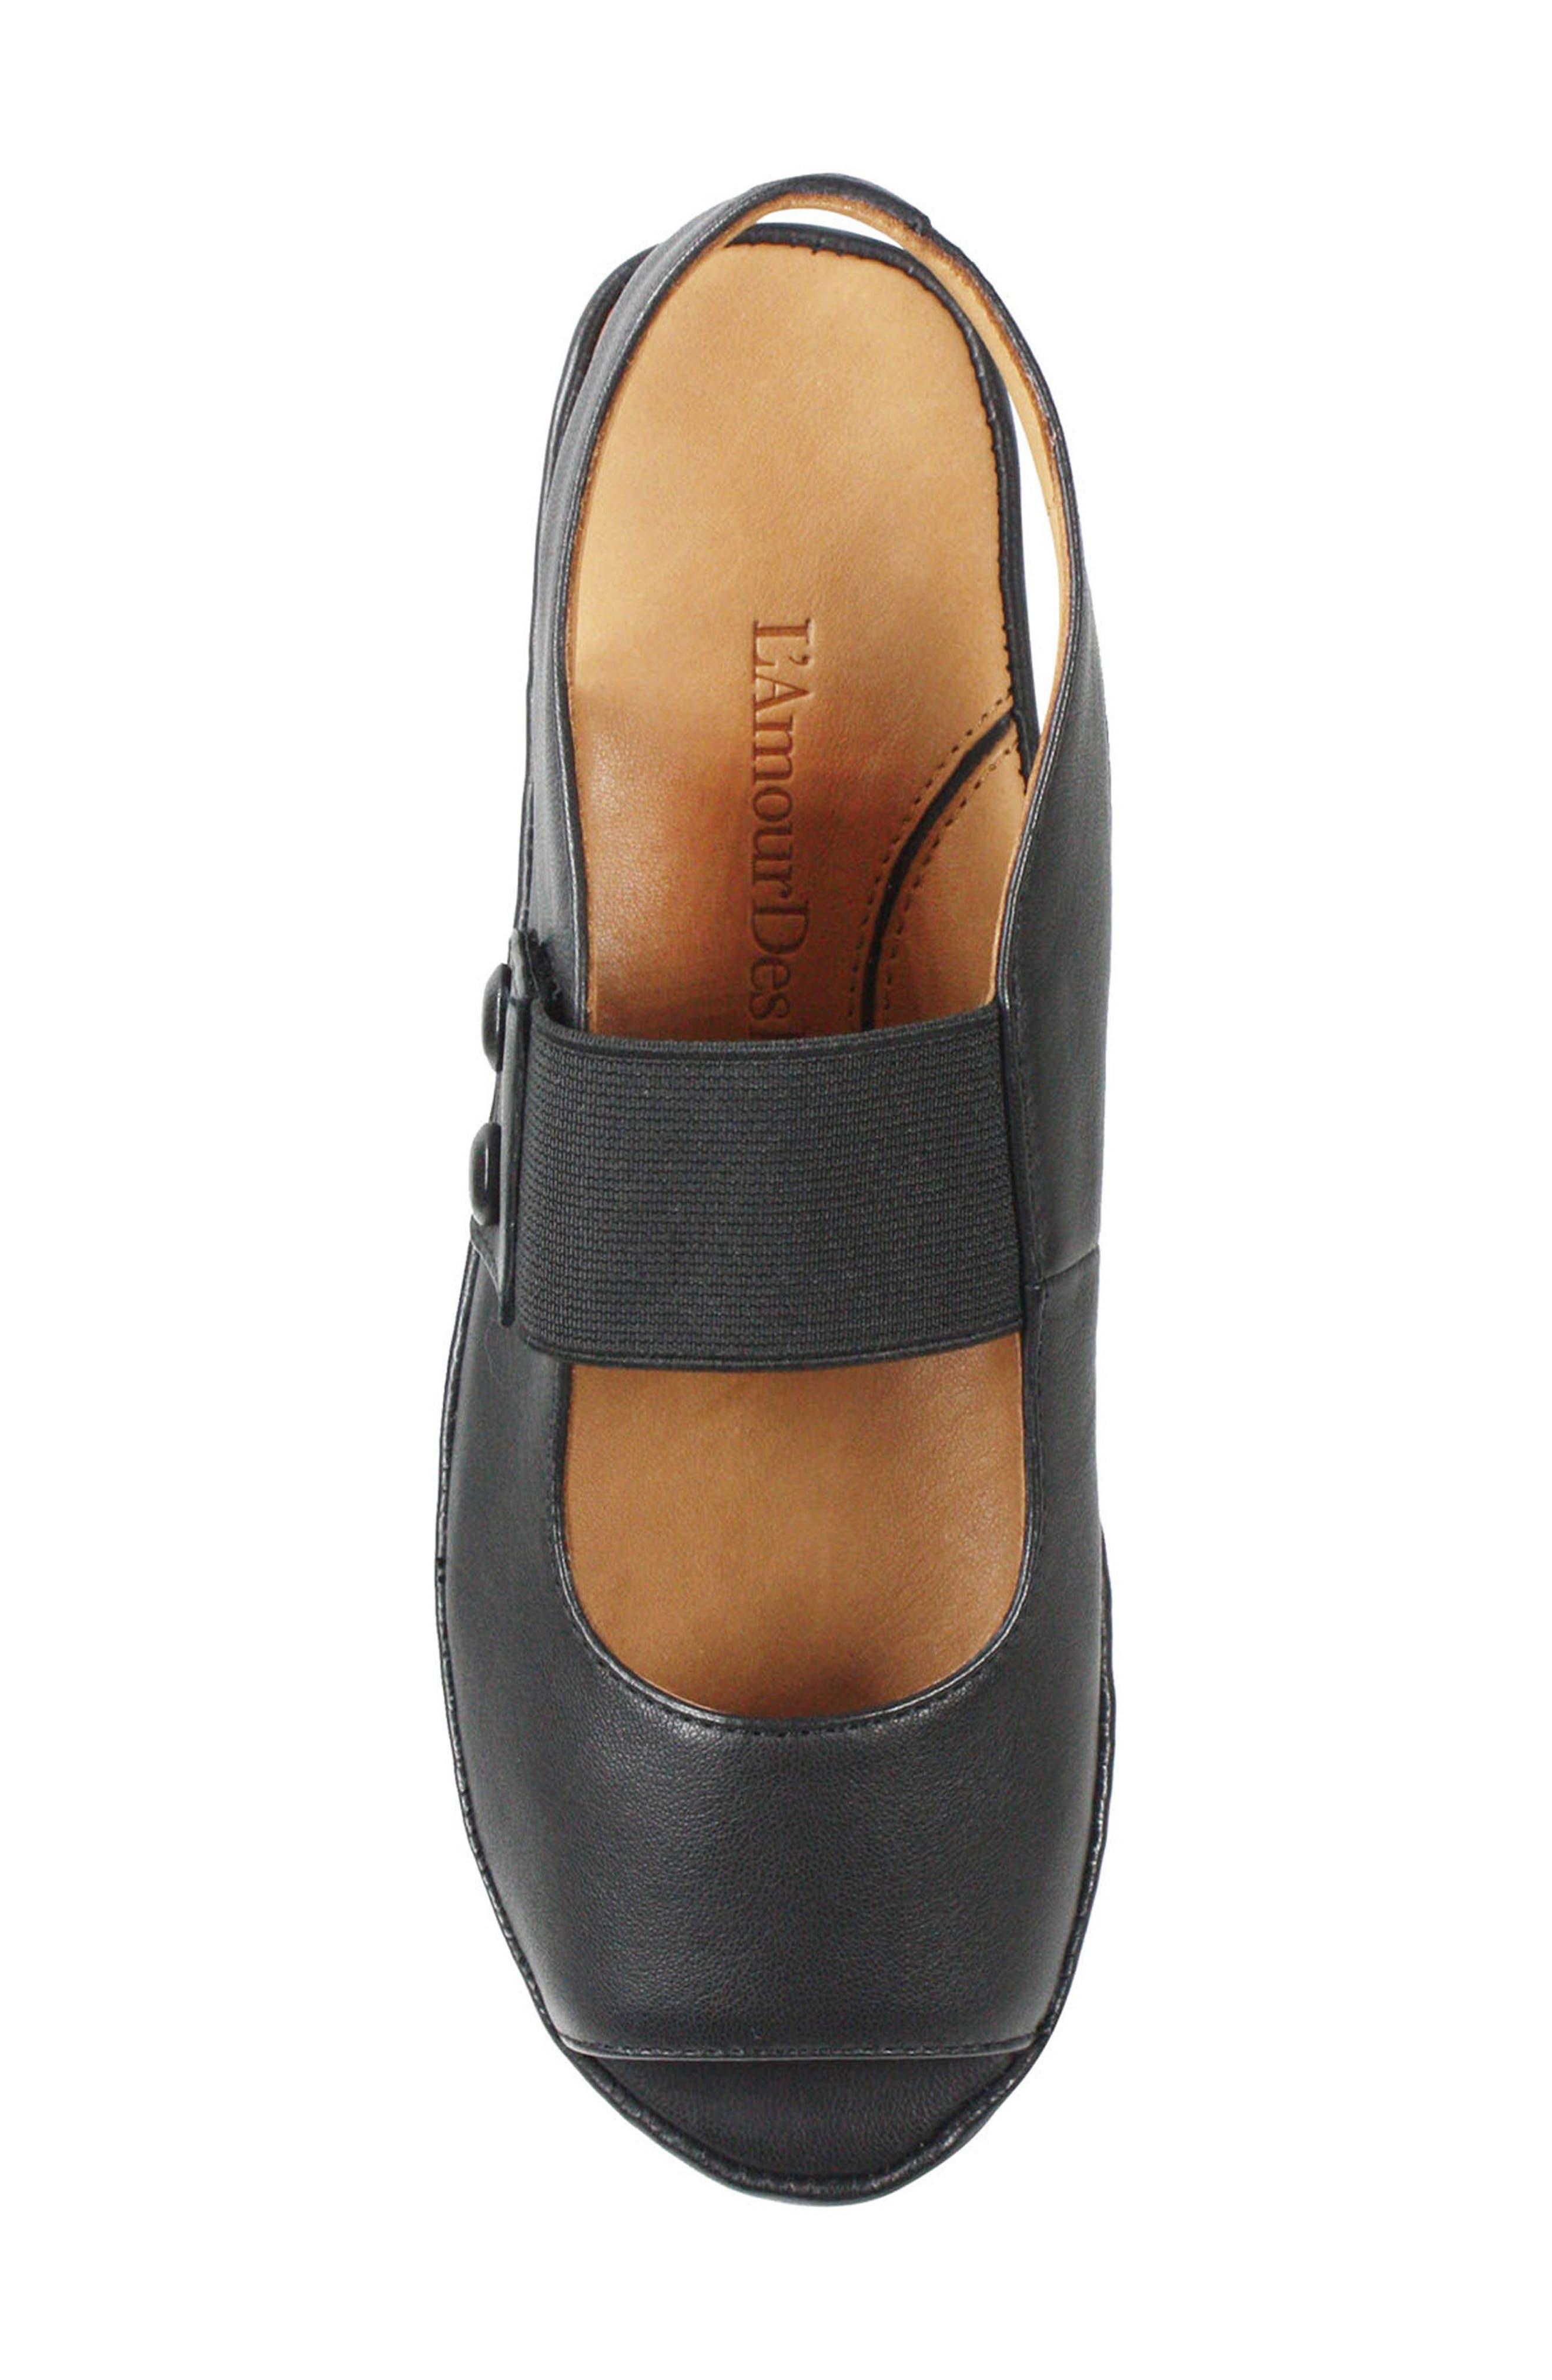 L'AMOUR DES PIEDS, Adalicia Platform Sandal, Alternate thumbnail 5, color, BLACK LEATHER